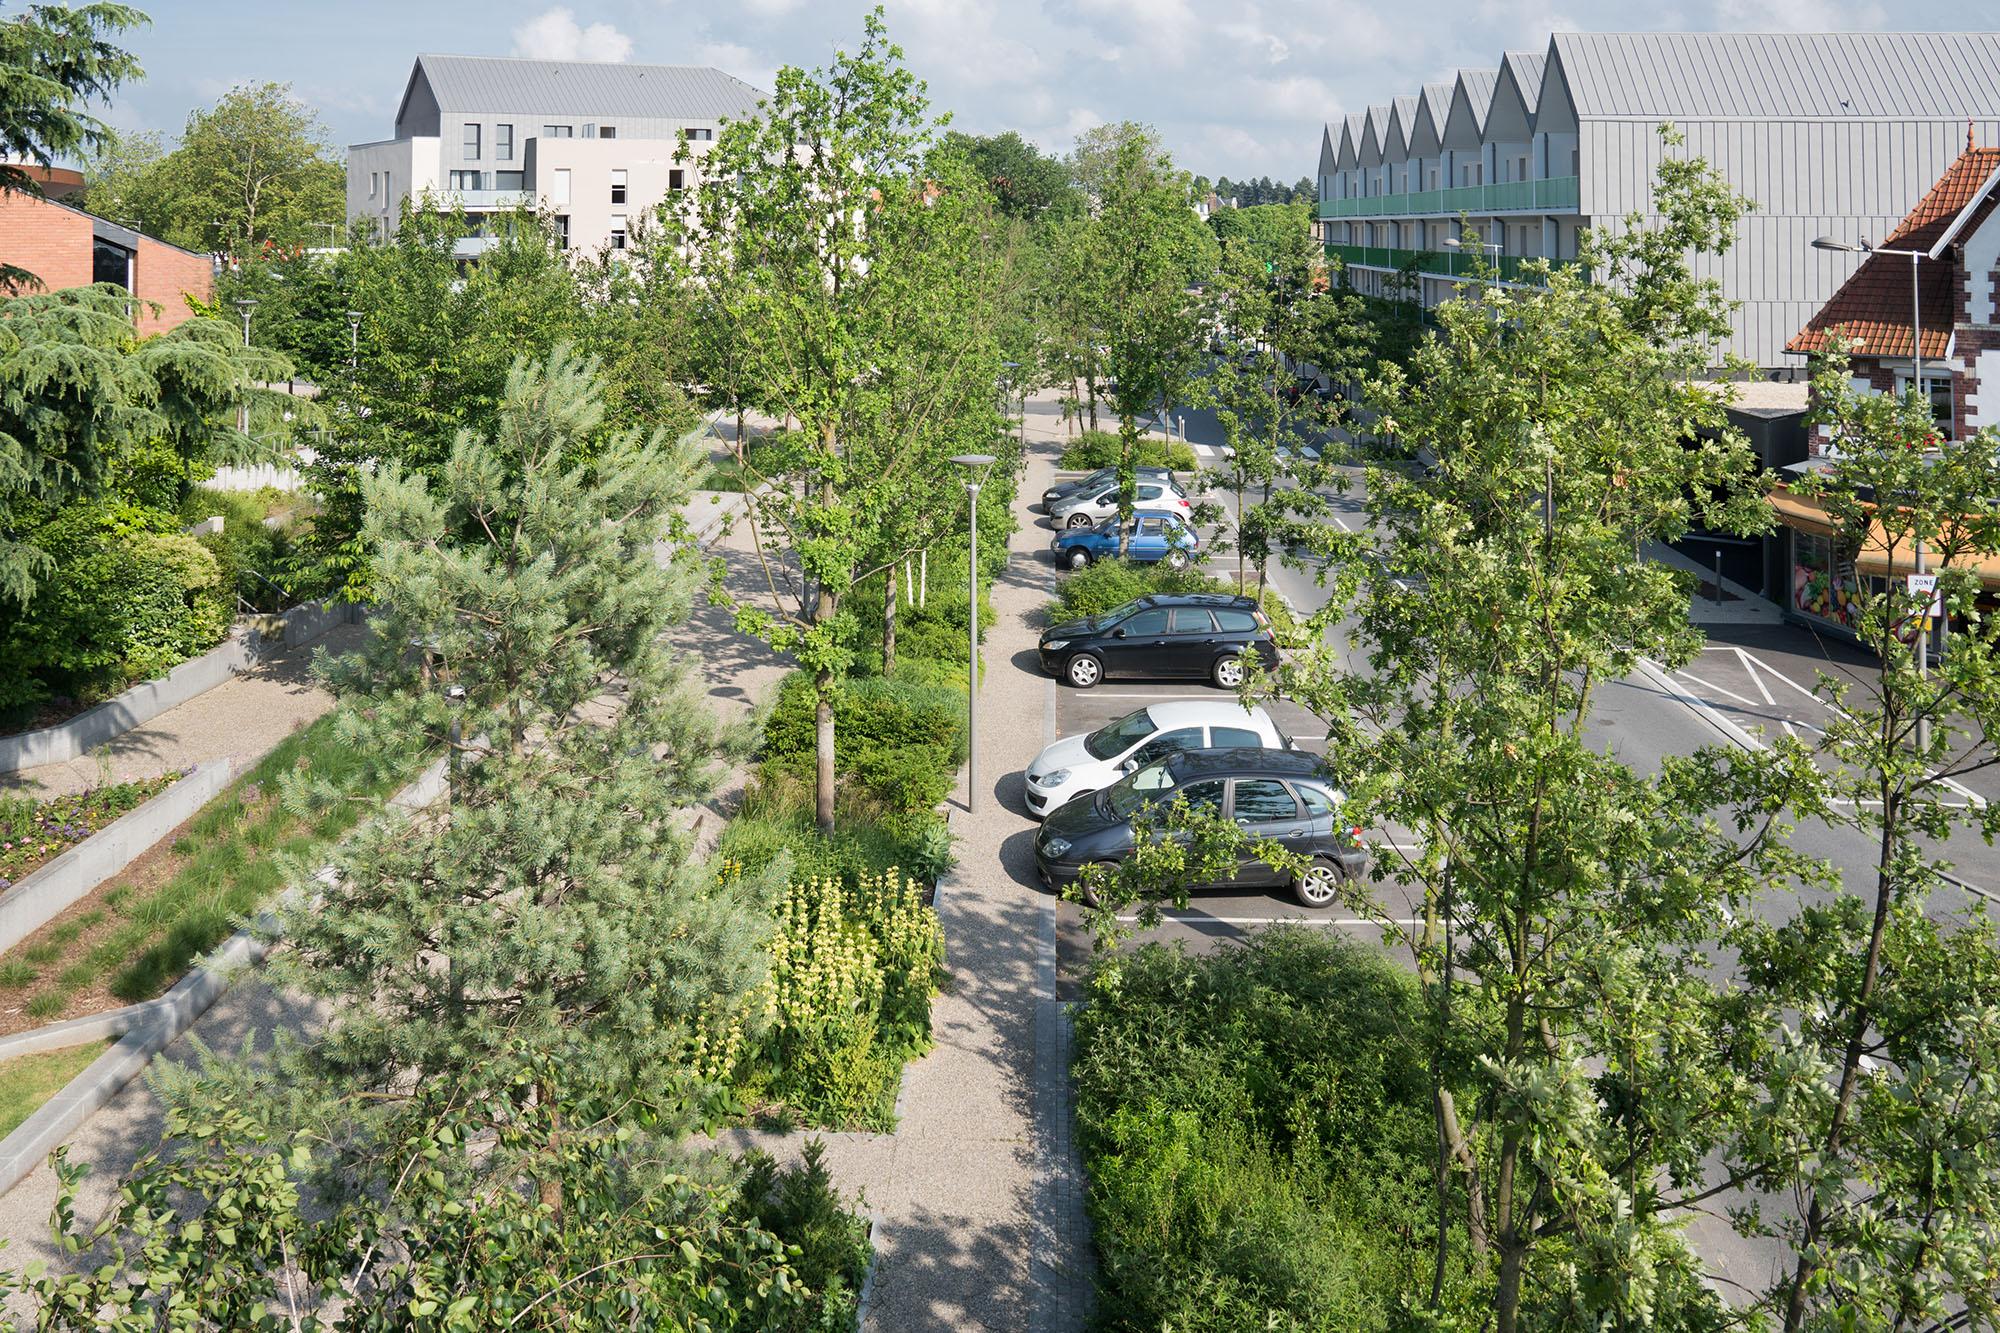 Vue sur le cours et l'intégration paysagère du stationnement sur rue